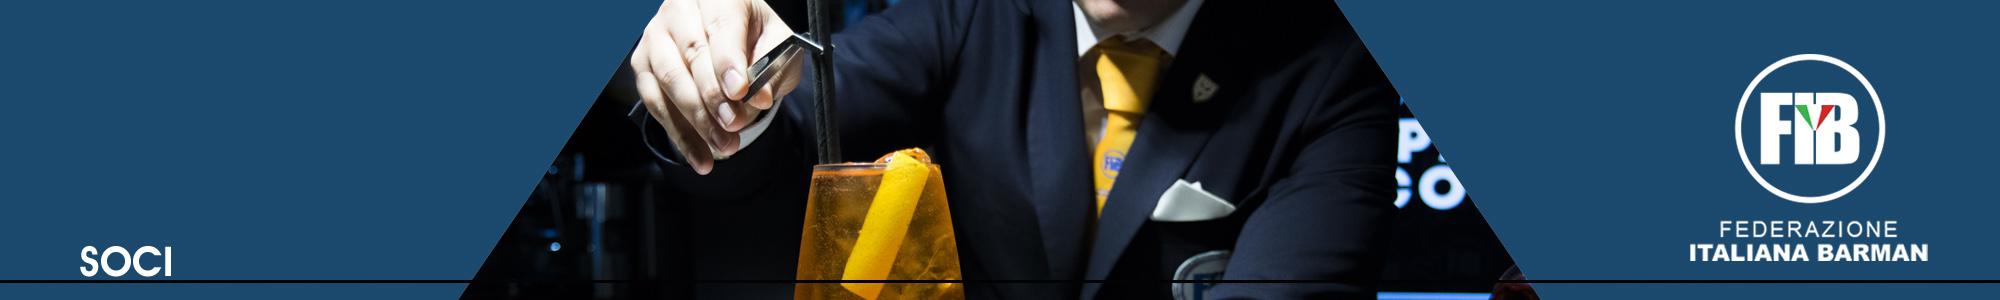 Soci Federazione Italiana Barman, professionalità, competenza e innovazione